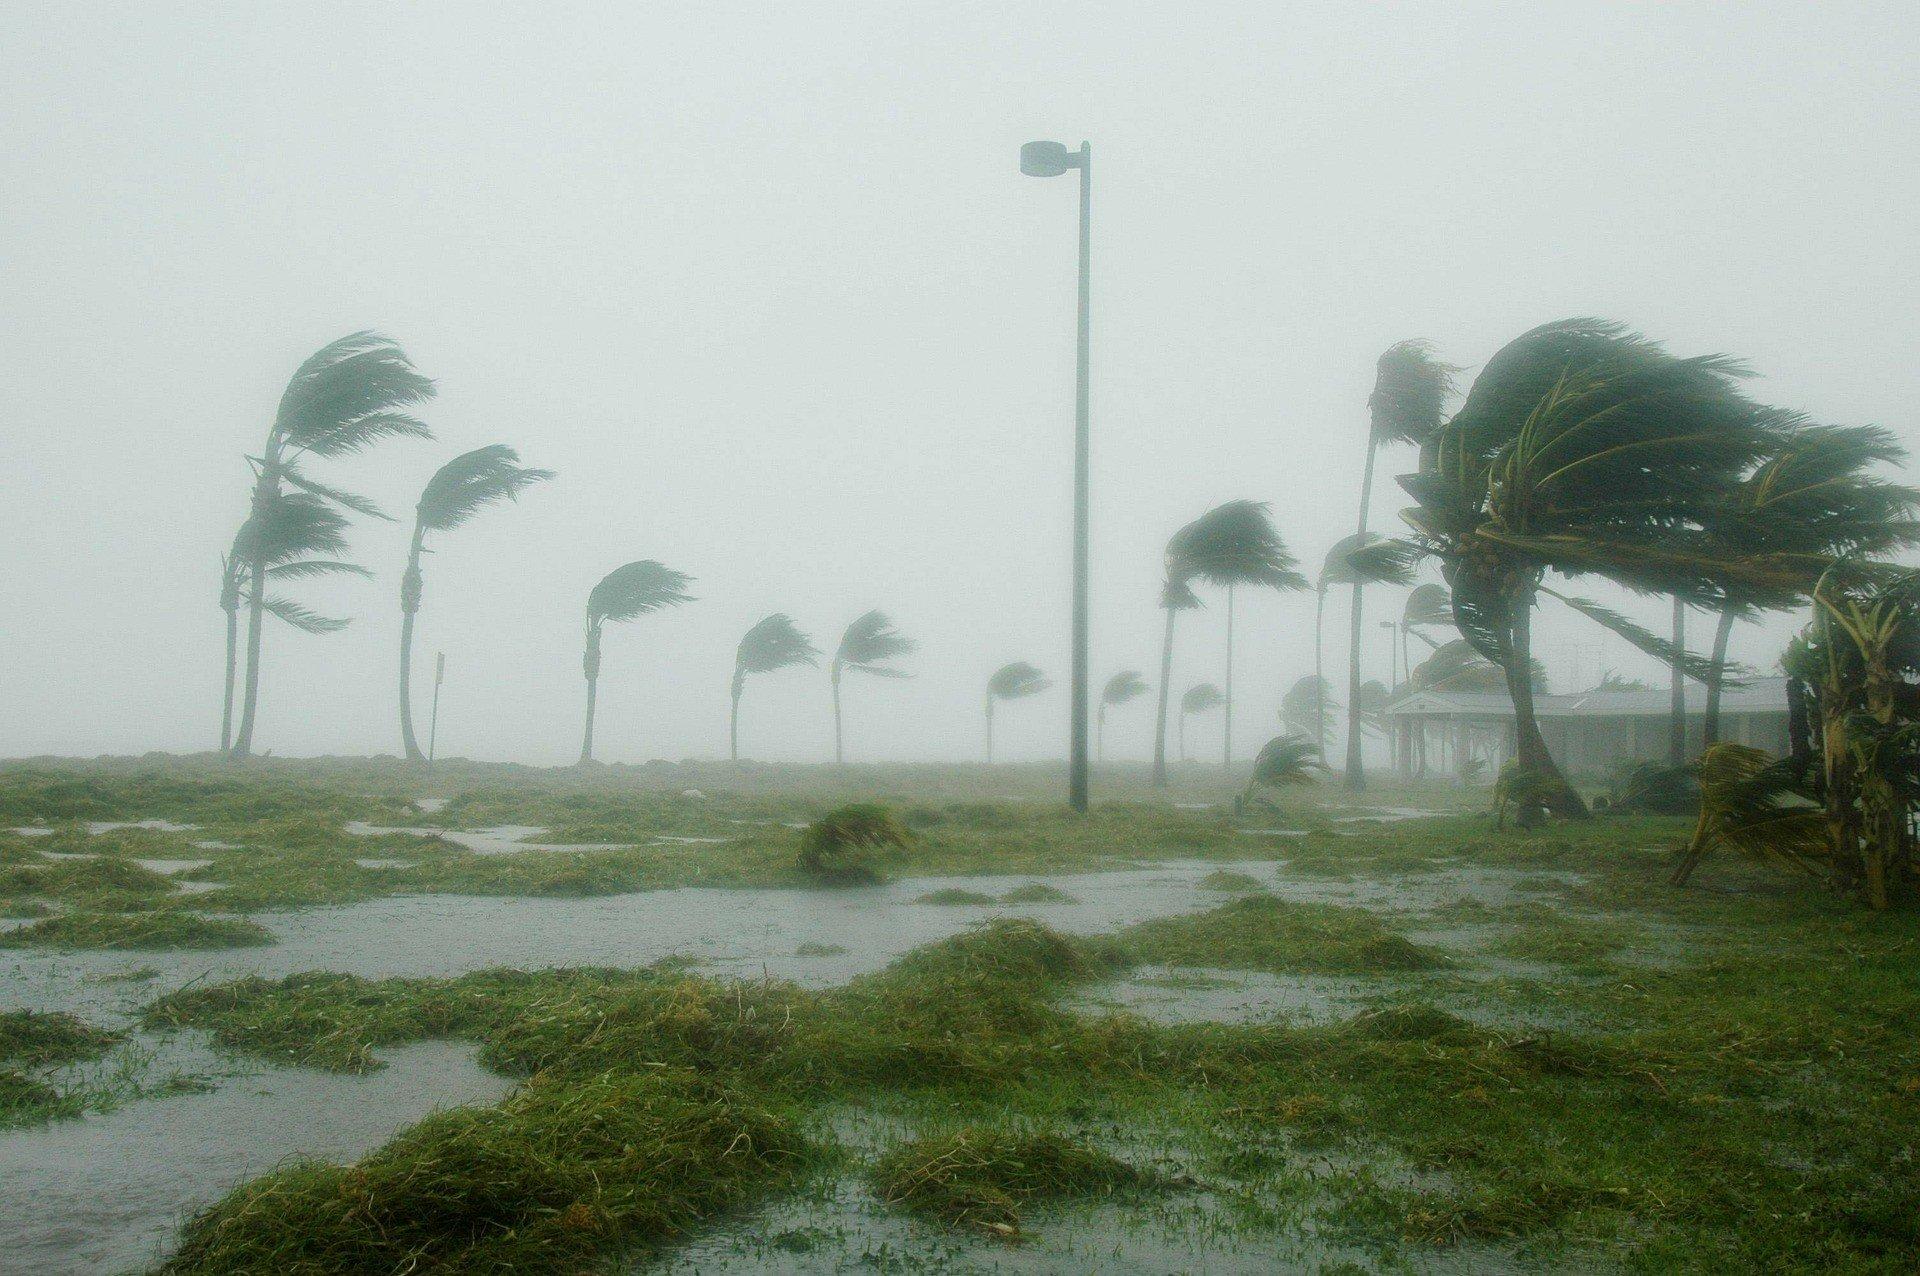 В США ожидается чрезвычайно активный сезон ураганов